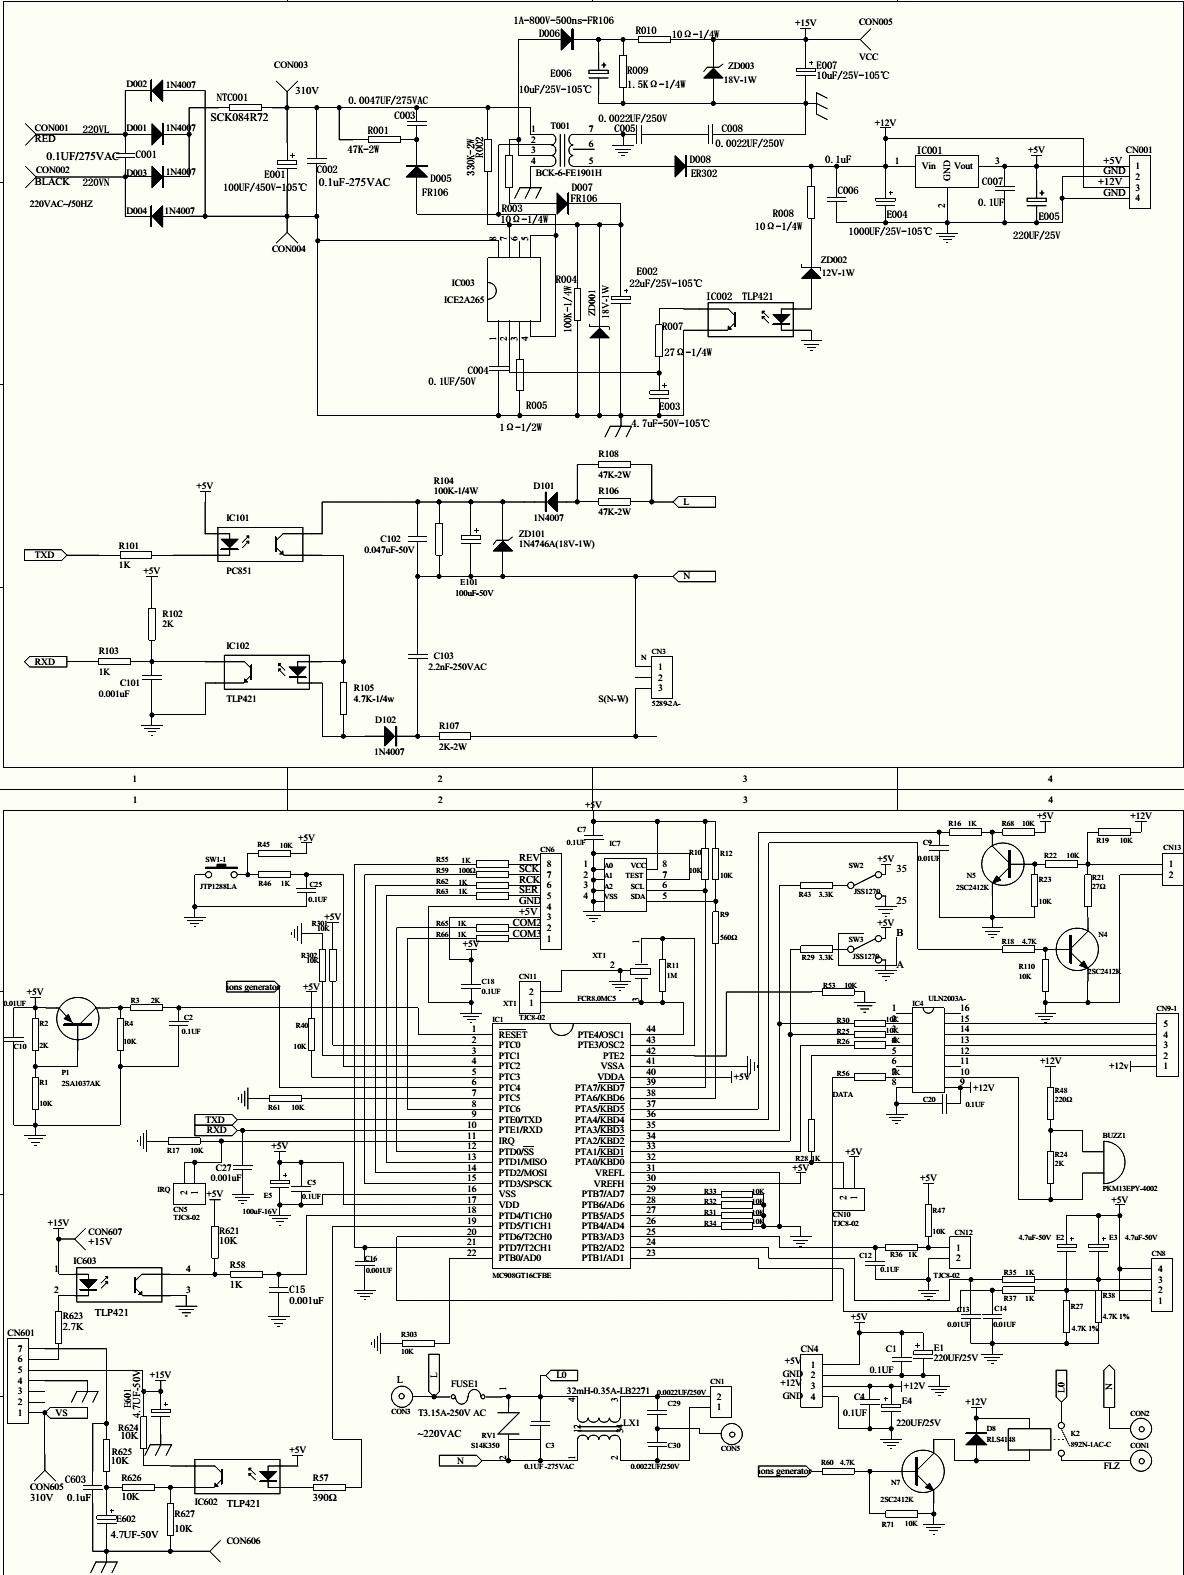 fig-5 Haier Ac Wiring Diagram on